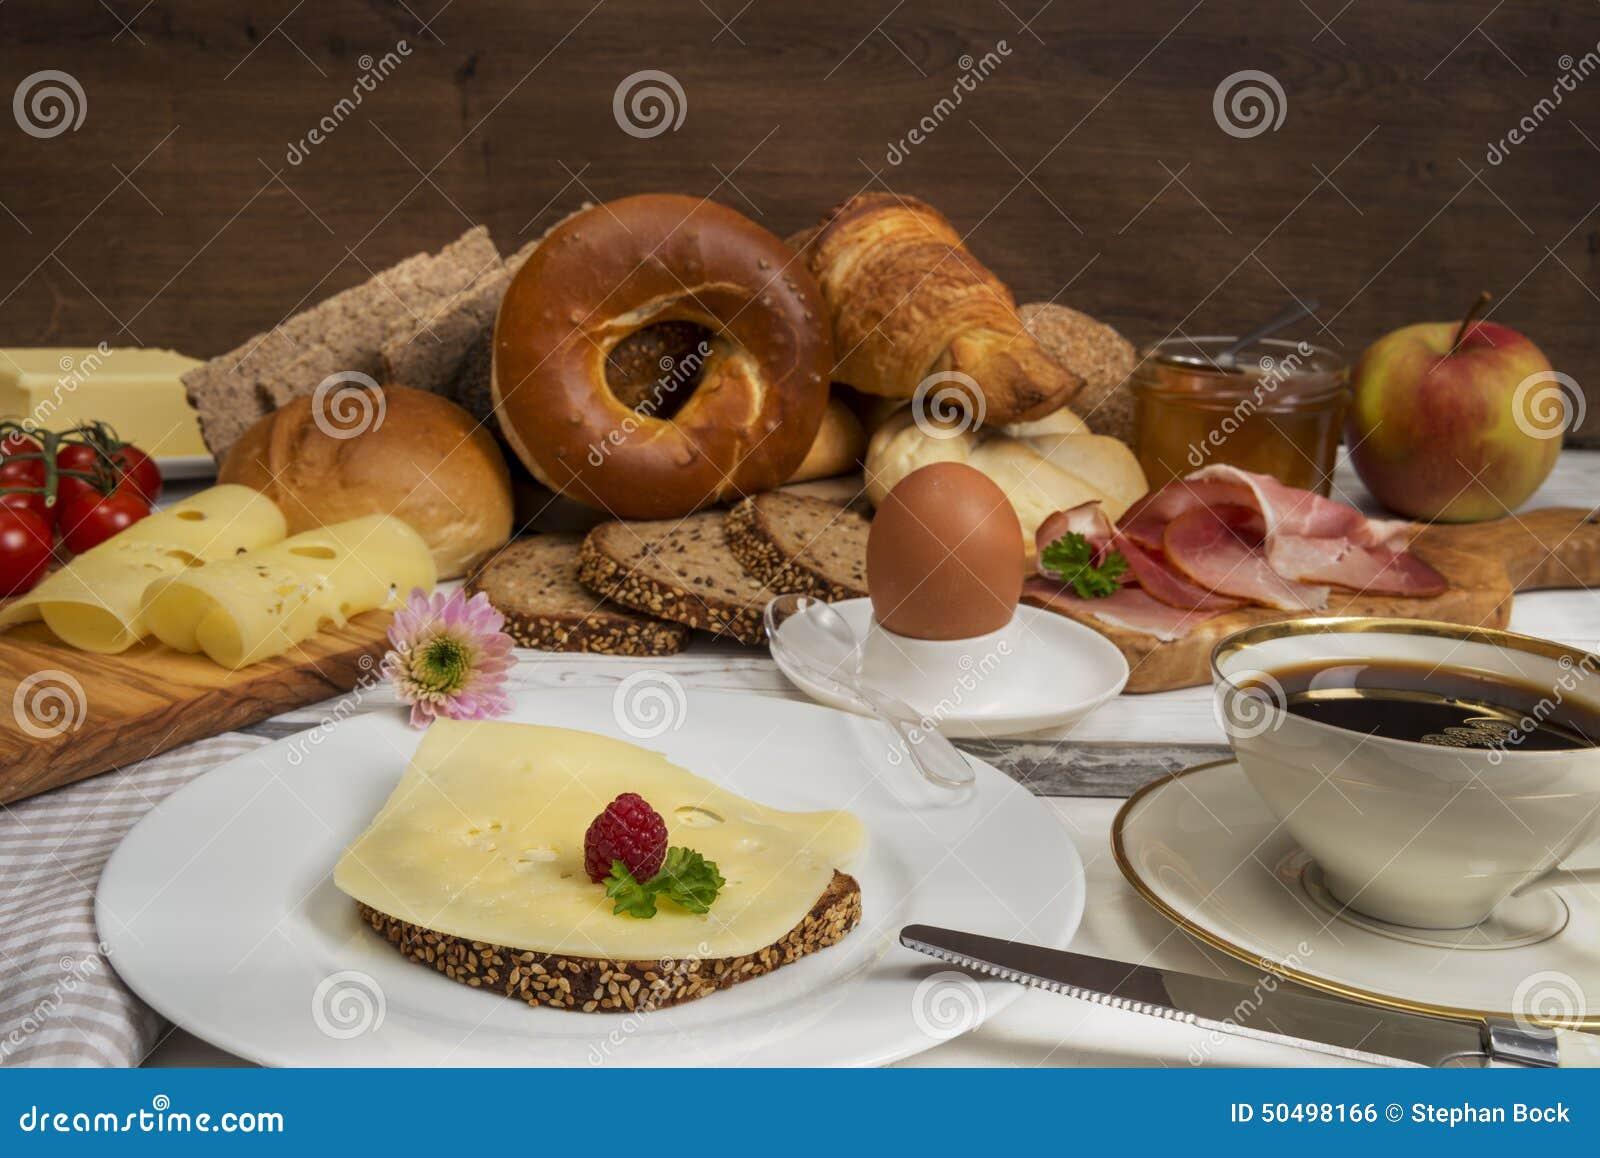 Mesa de desayuno con pan caf el huevo el jam n y el for Mesa desayuno